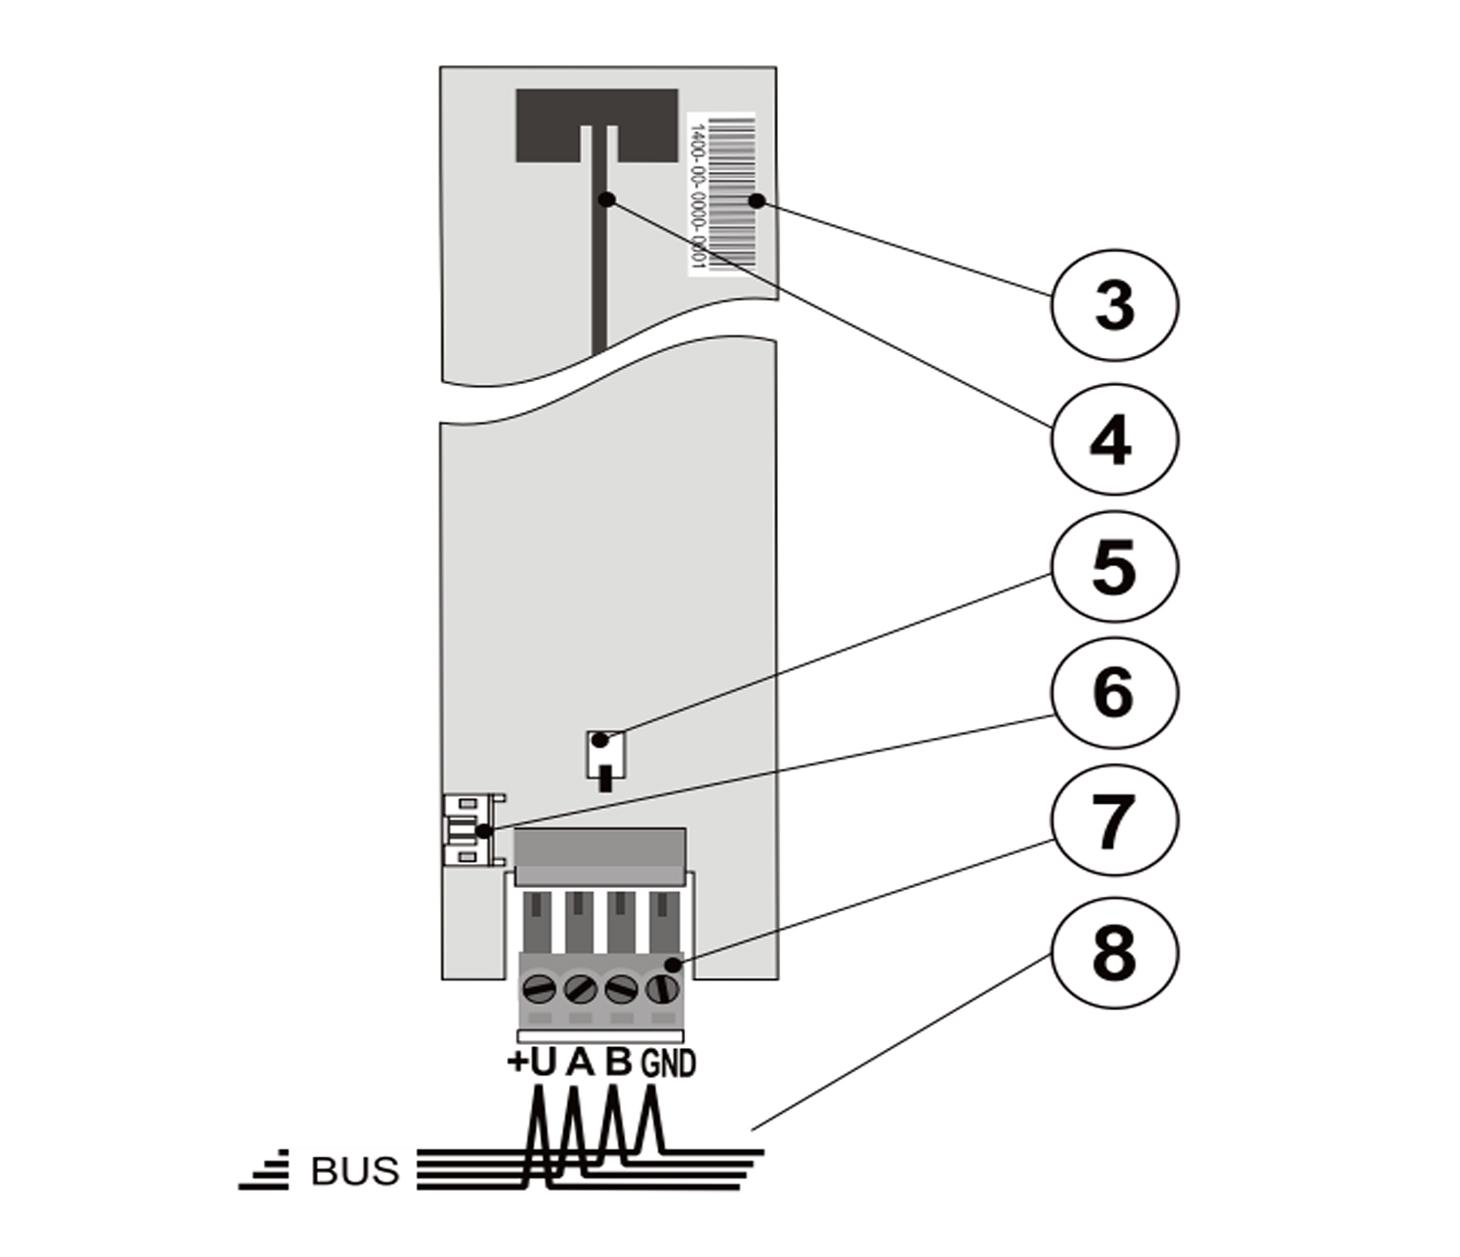 JA111R - Moduł radiowy schemat podłączenia do centrali serii JA-100.